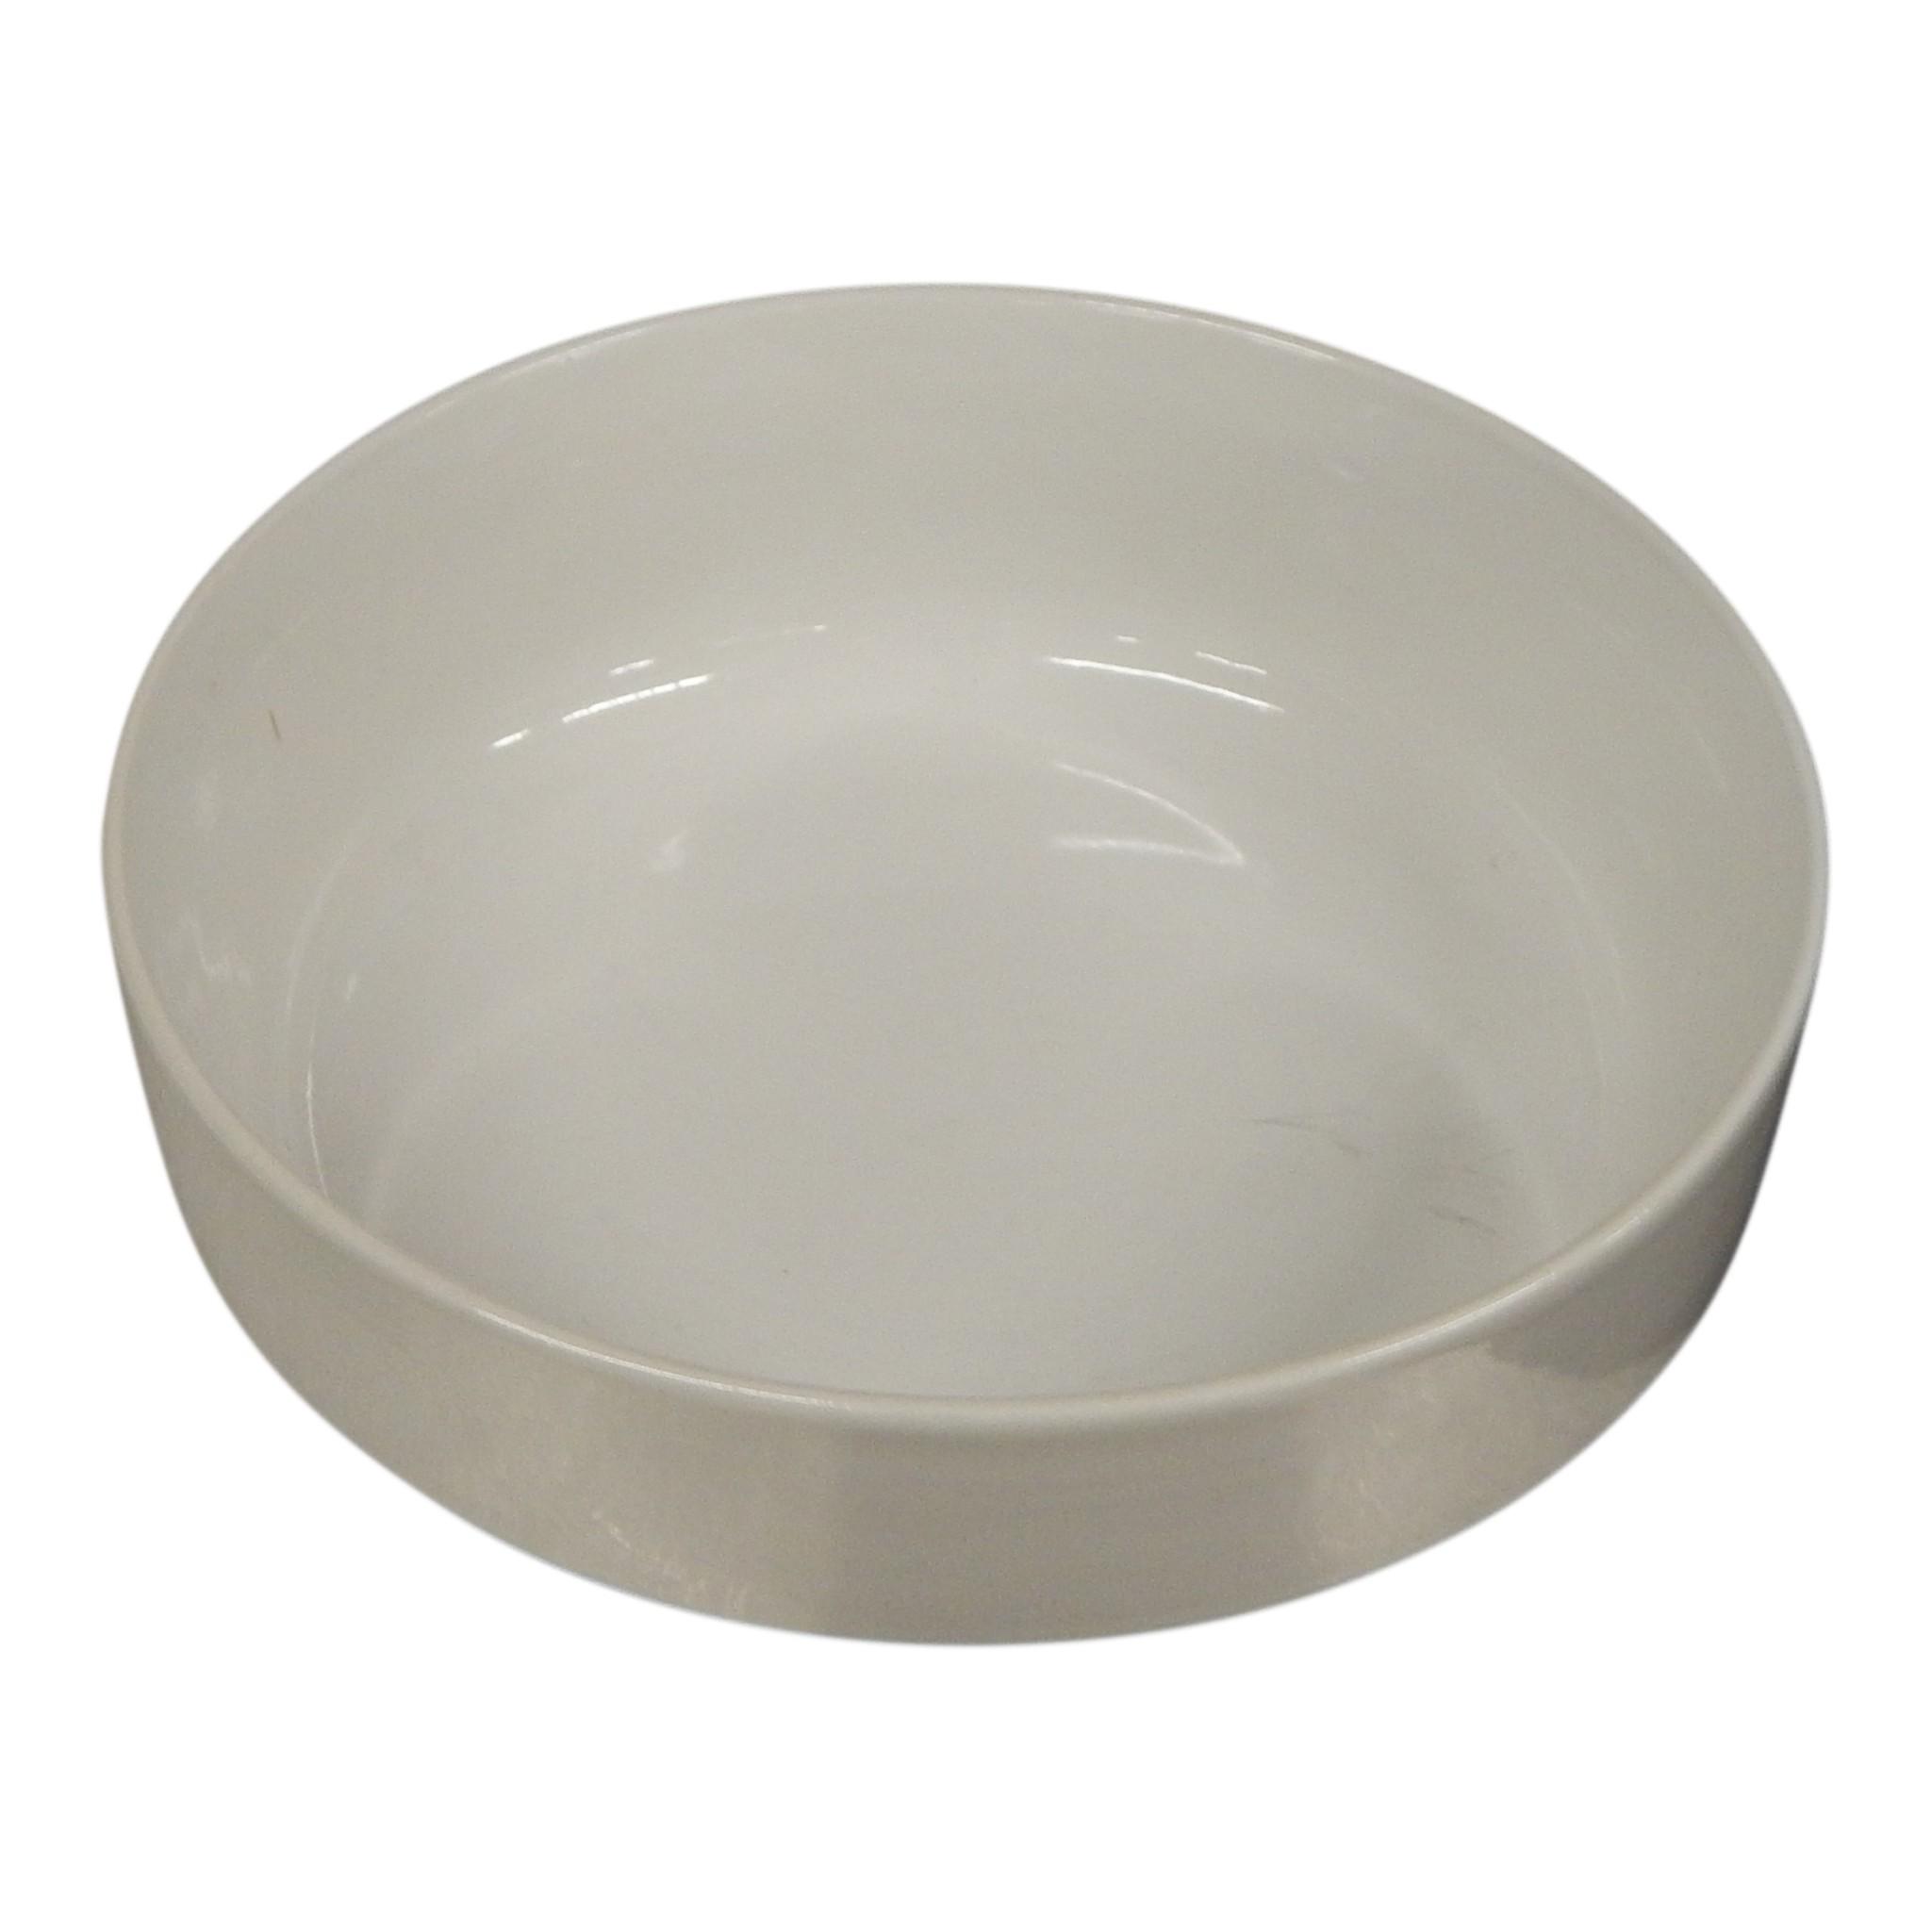 Spaghetti Bowl 18cm